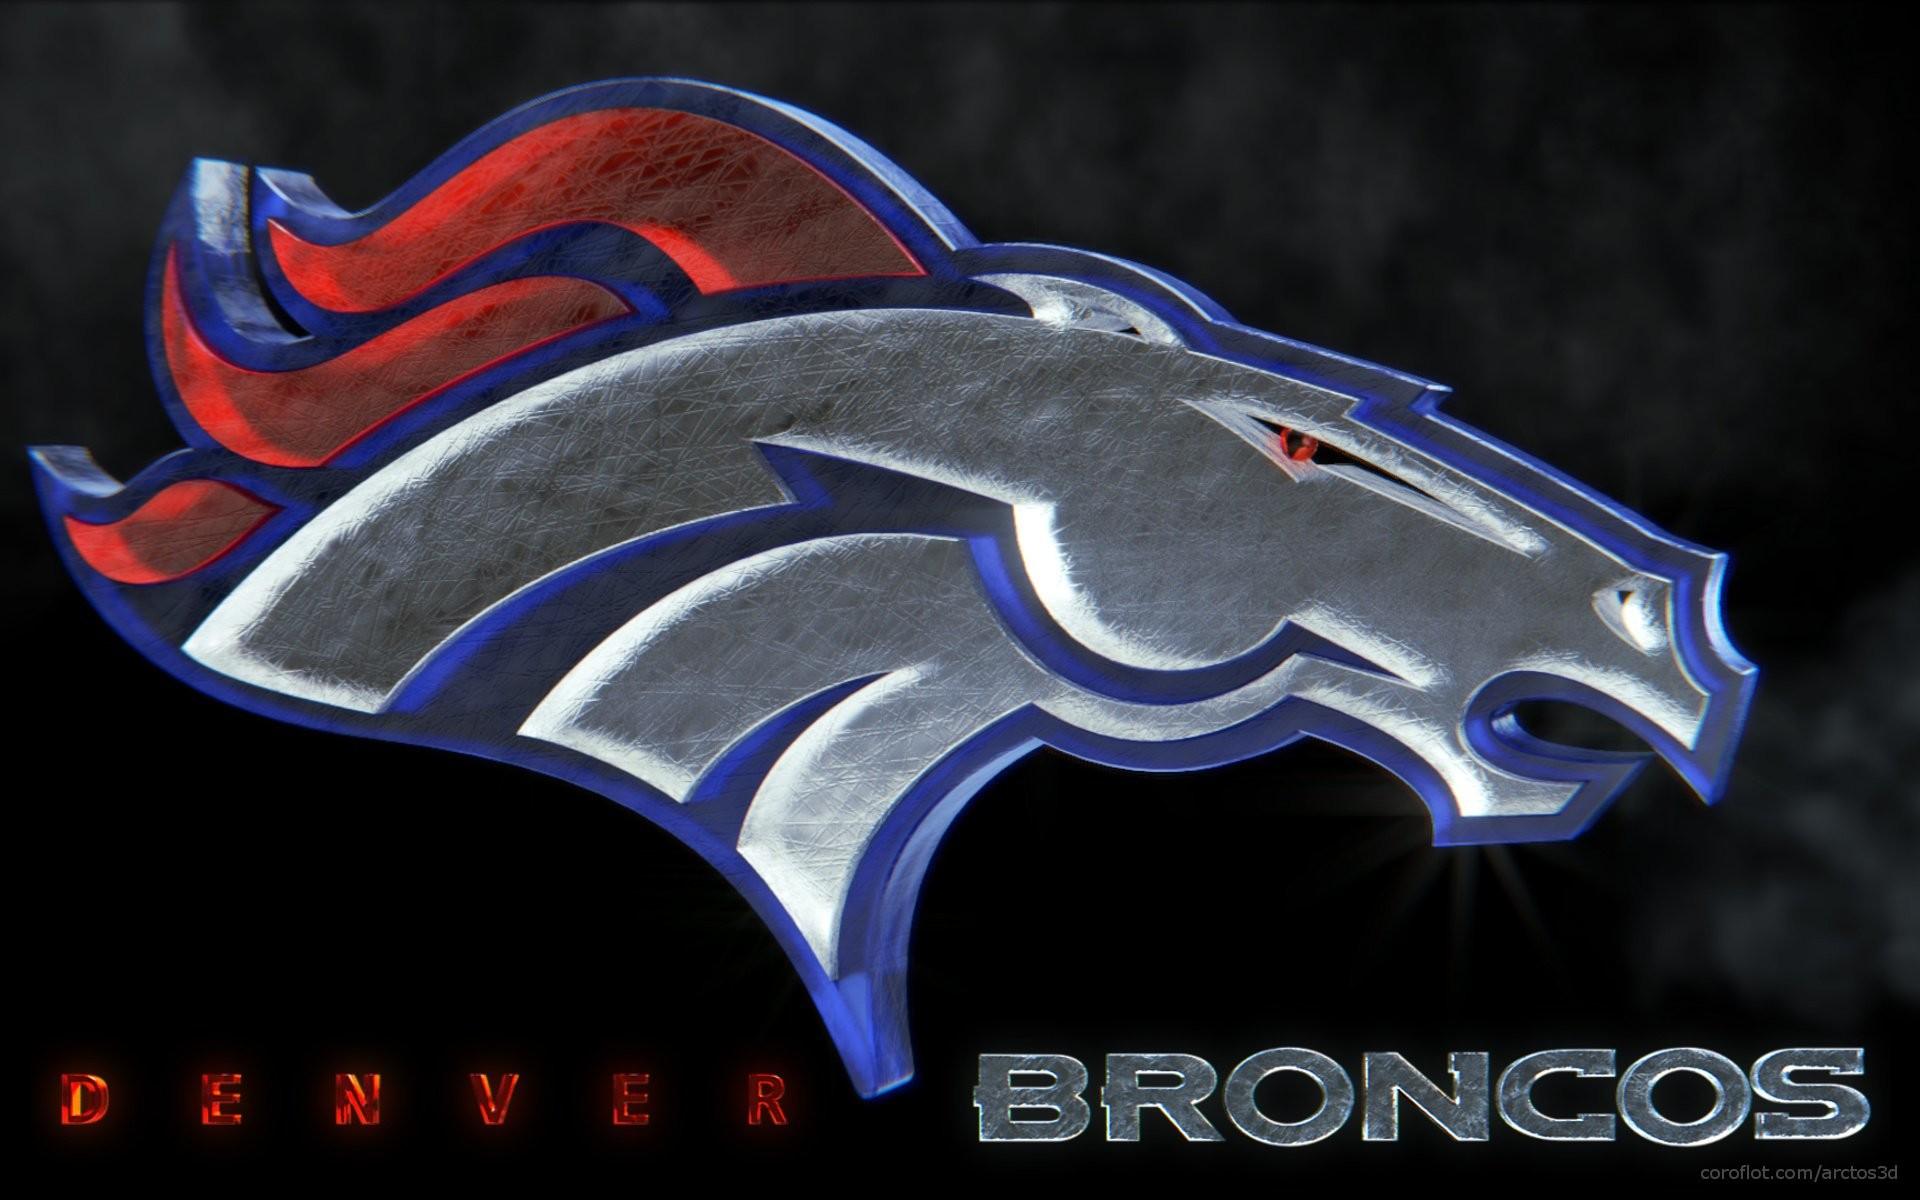 DENVER BRONCOS nfl football (7) wallpaper background